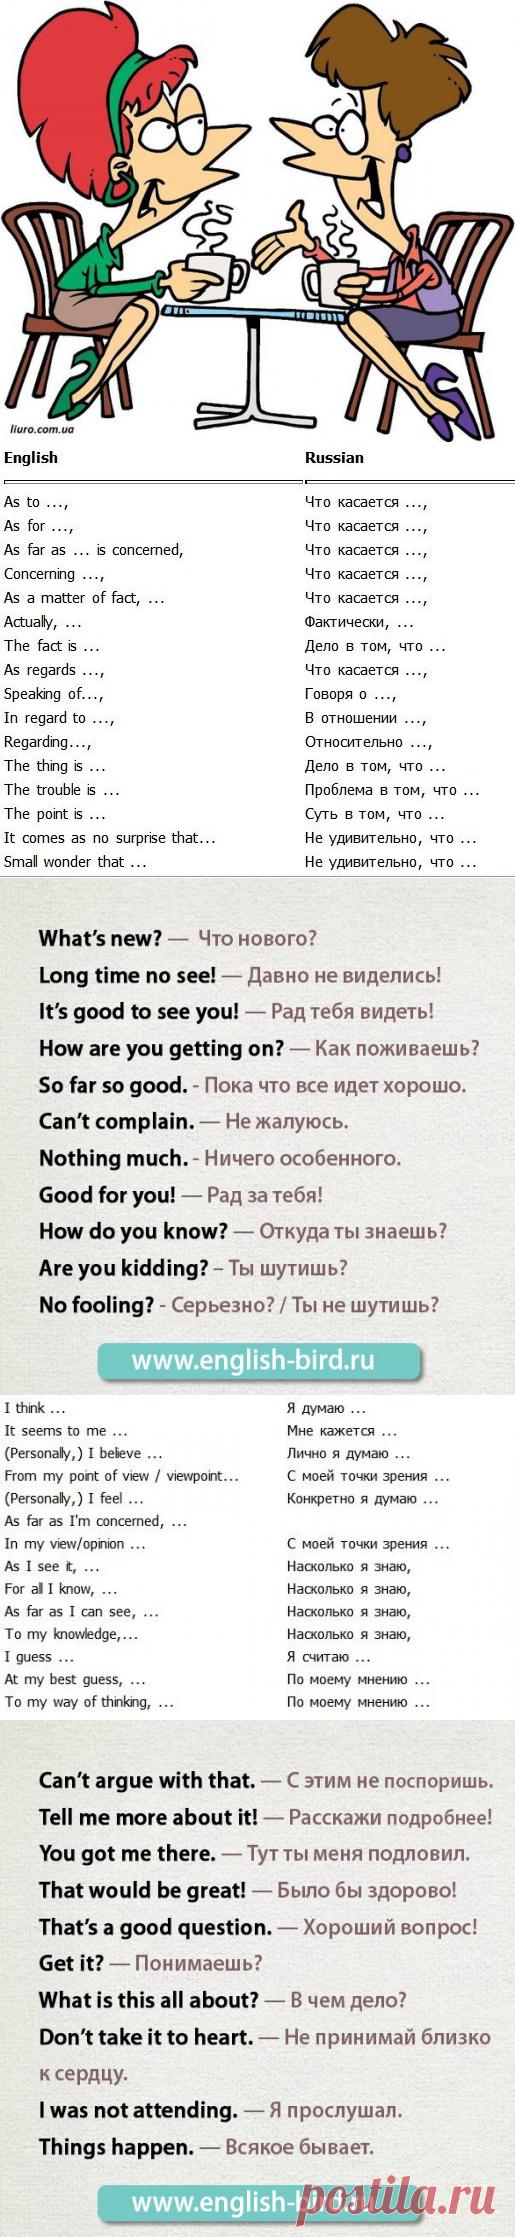 Диолог англизком с языке на знакомство иностранцем